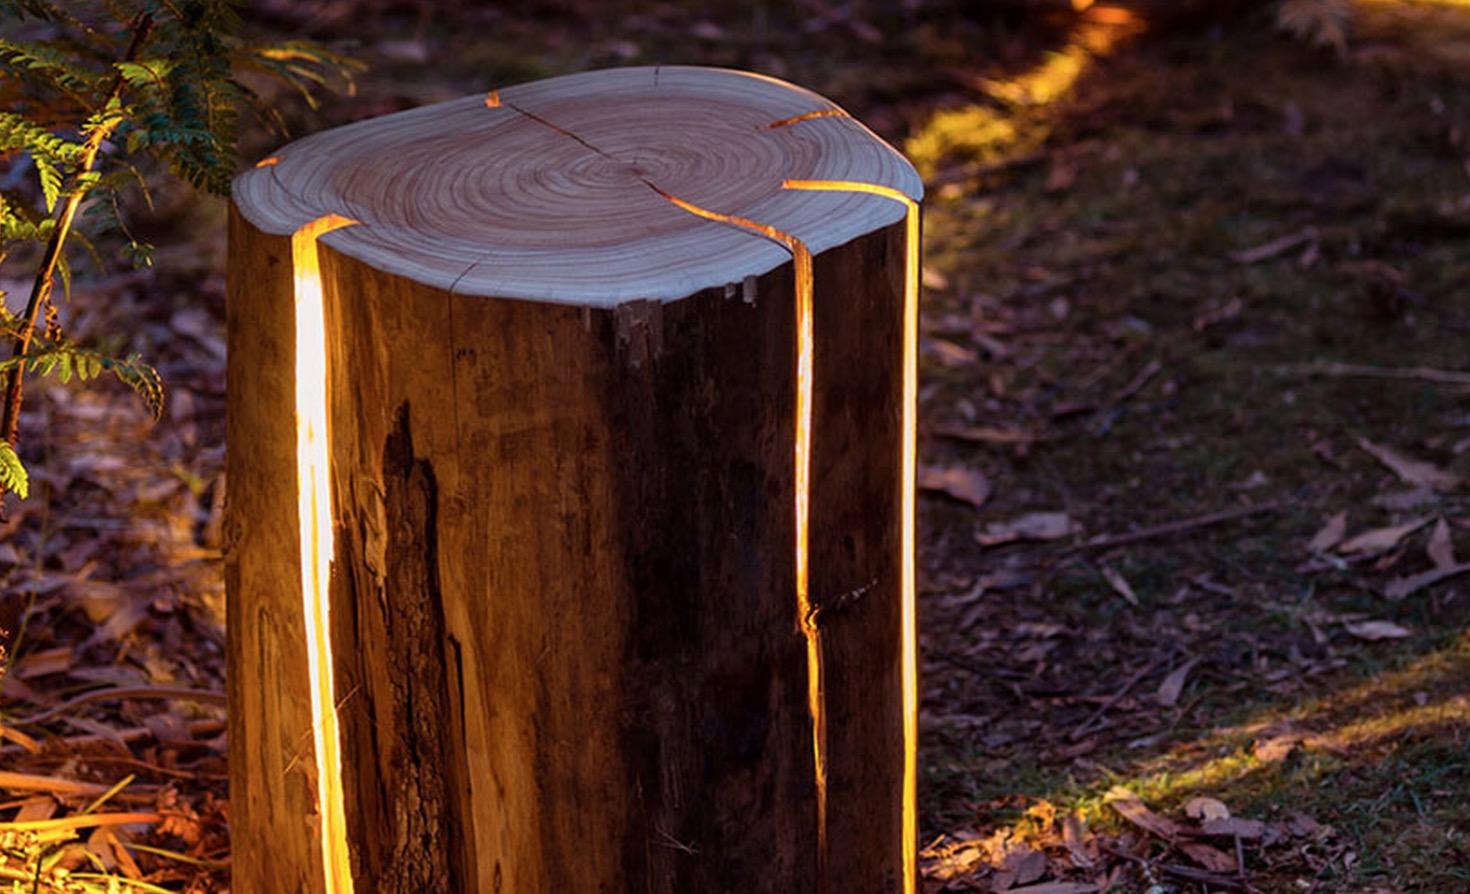 Lampe tronc d arbre - Maison en tronc d arbre ...